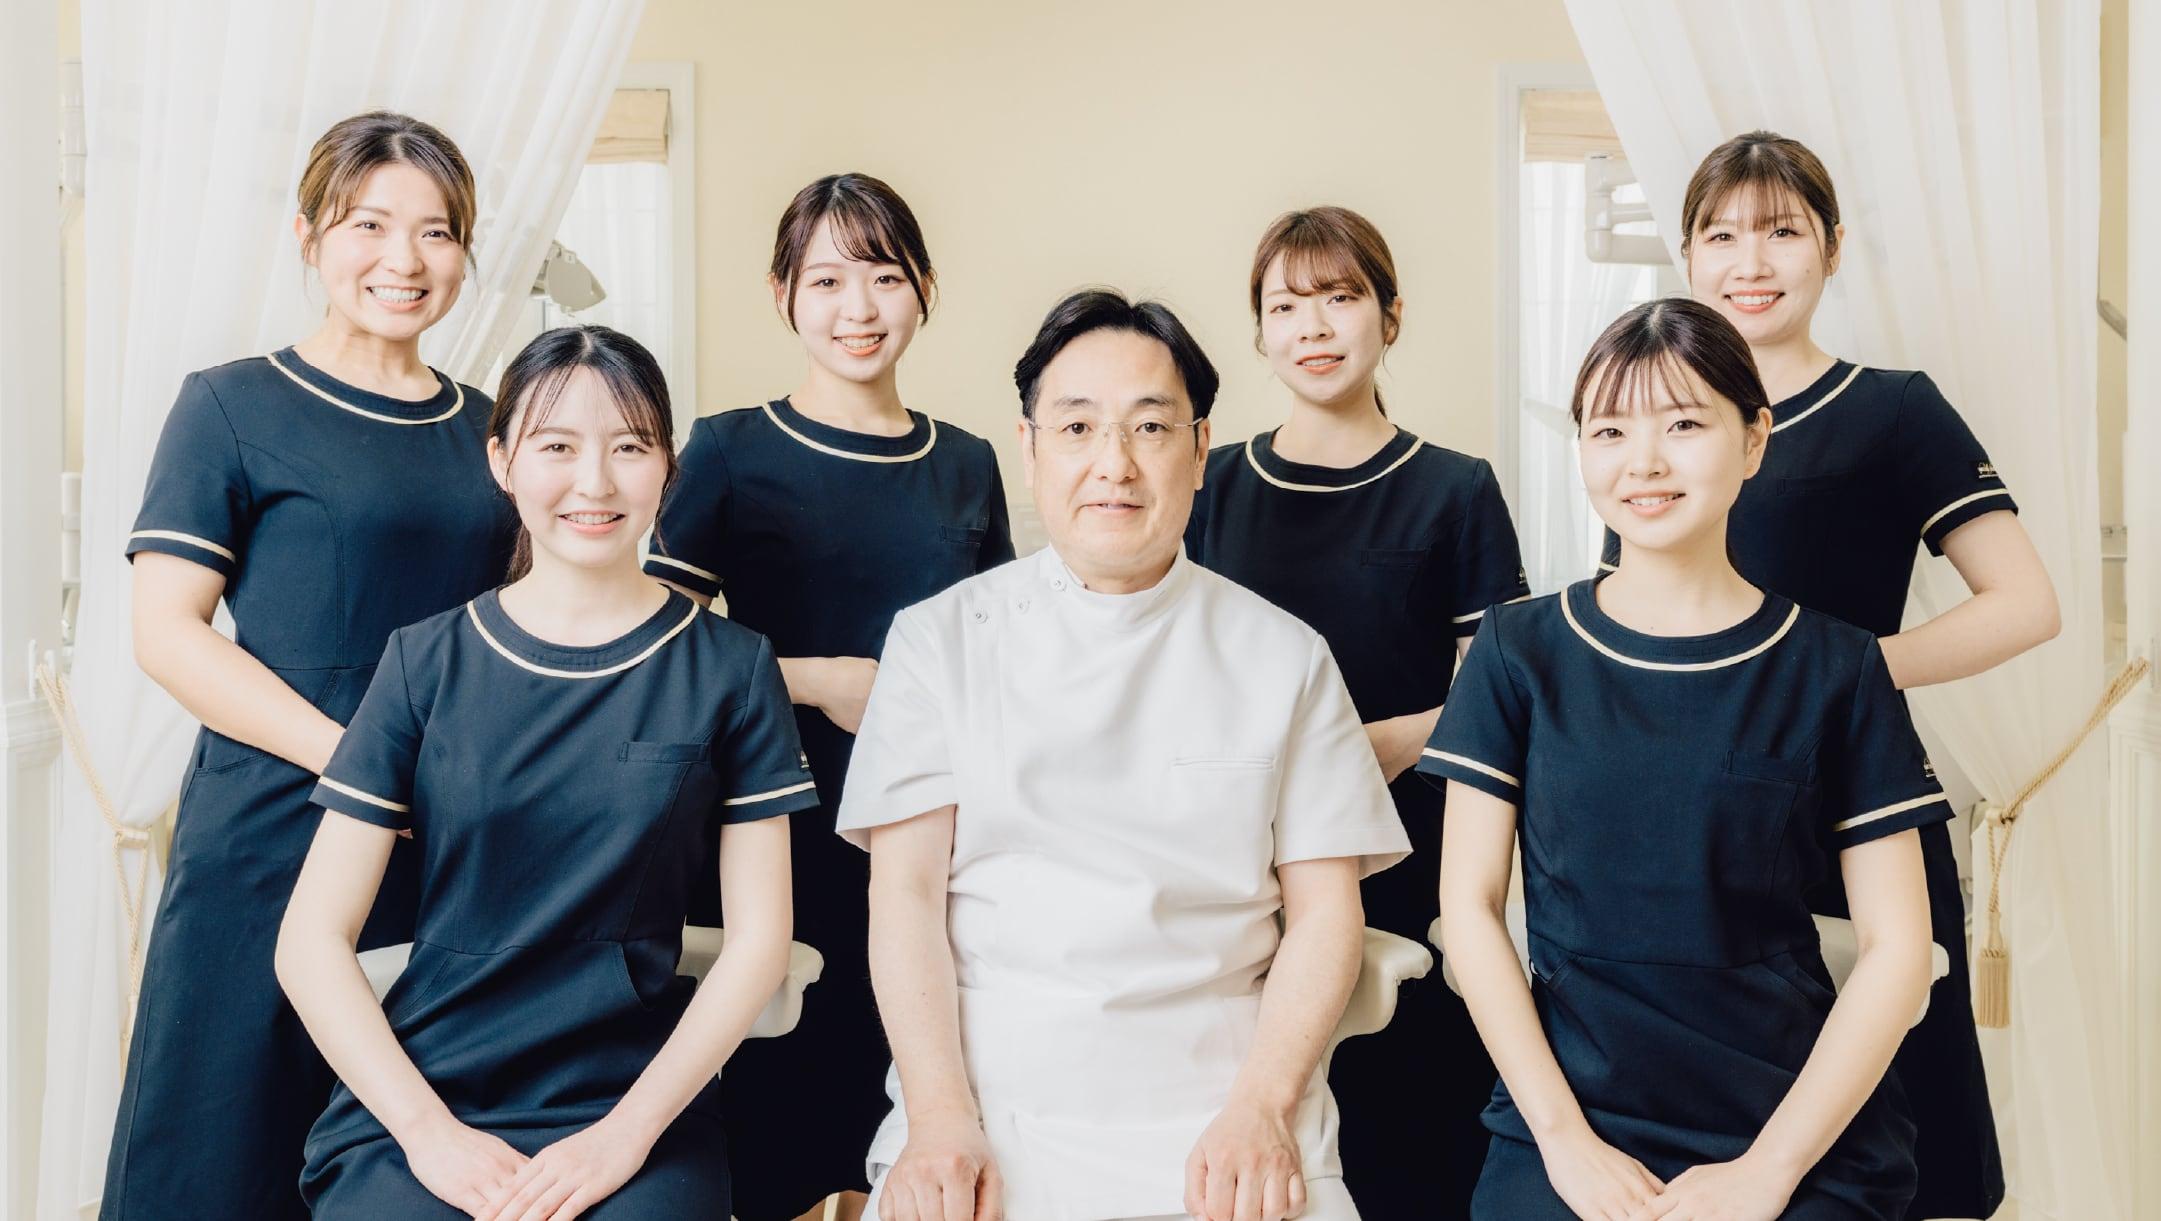 きくち矯正歯科 スタッフ